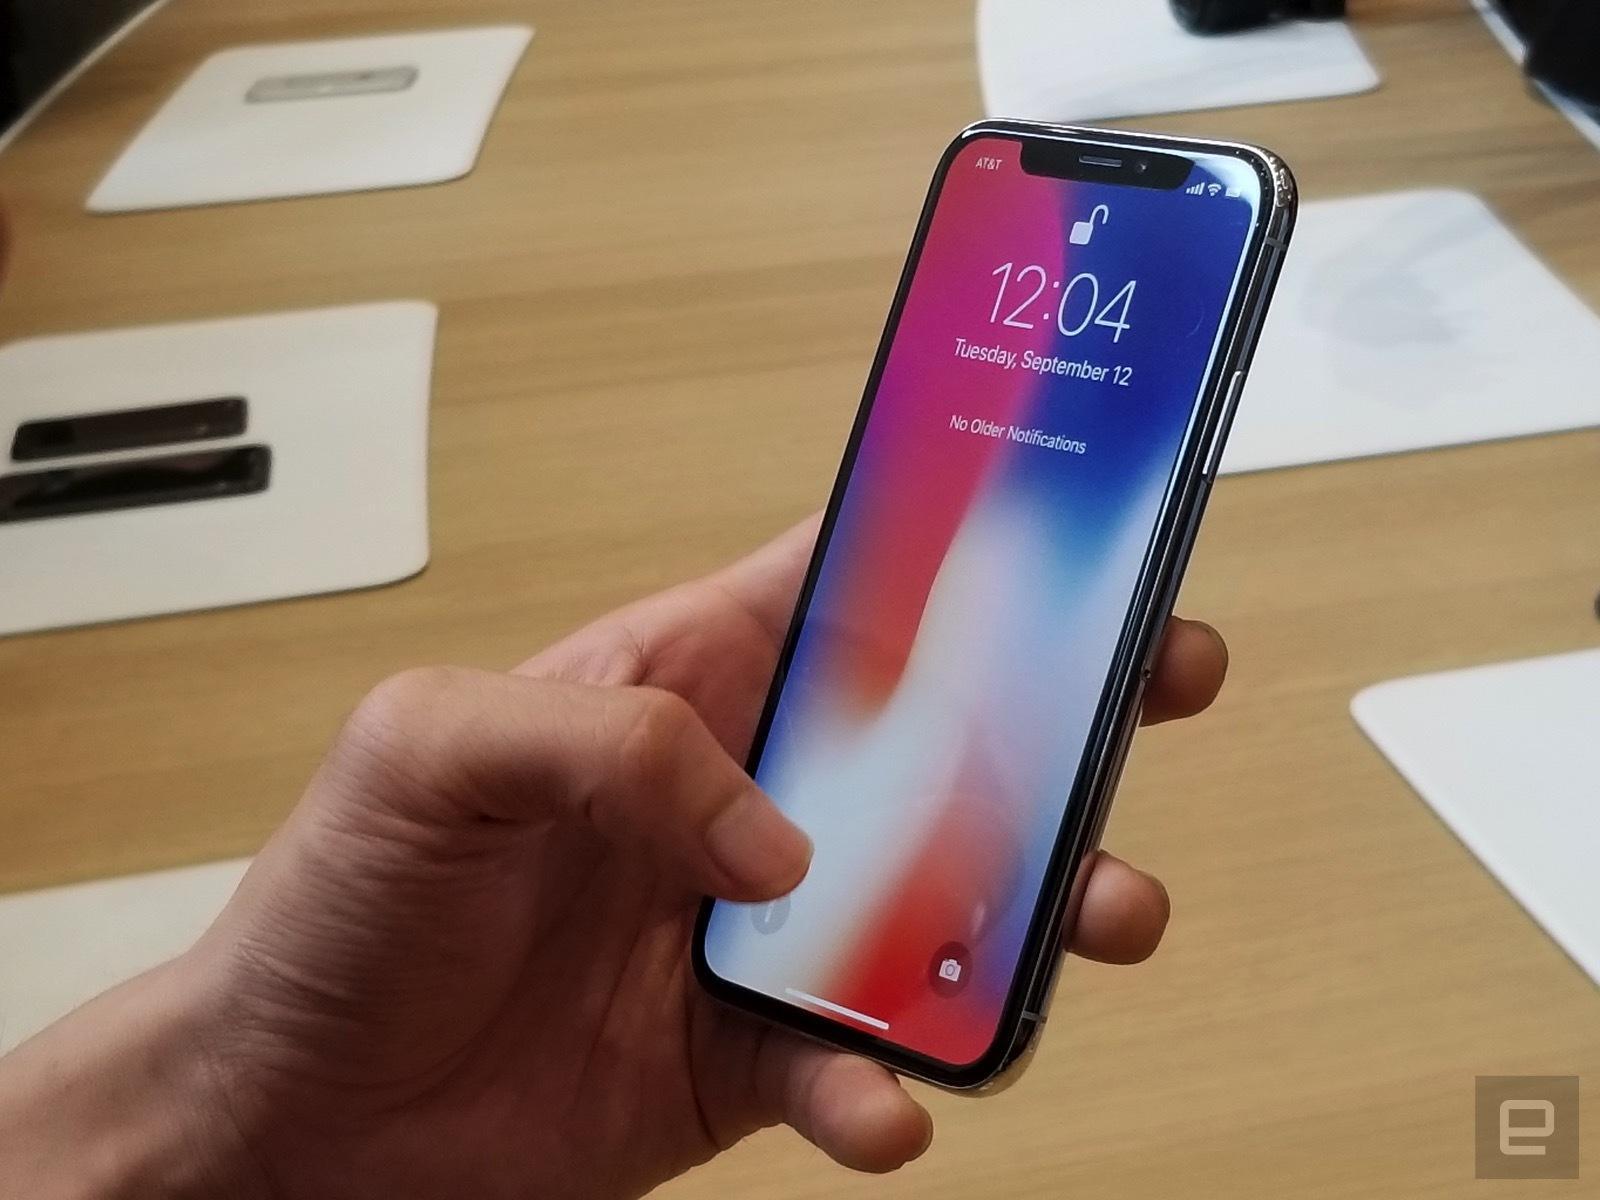 iphone x mat nguon Mẹo hay khắc phục nhanh iPhone X bị mất nguồn